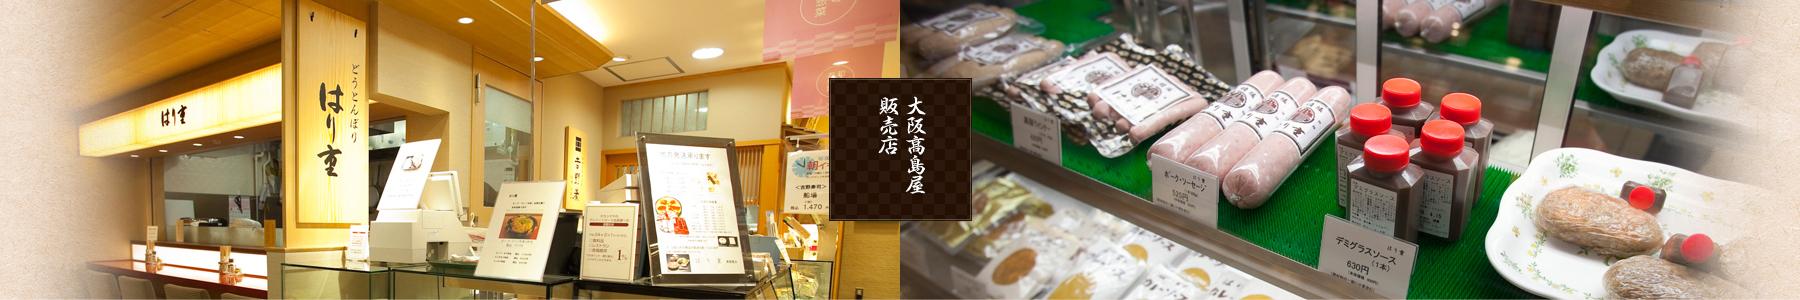 大阪高島屋販売店のイメージ